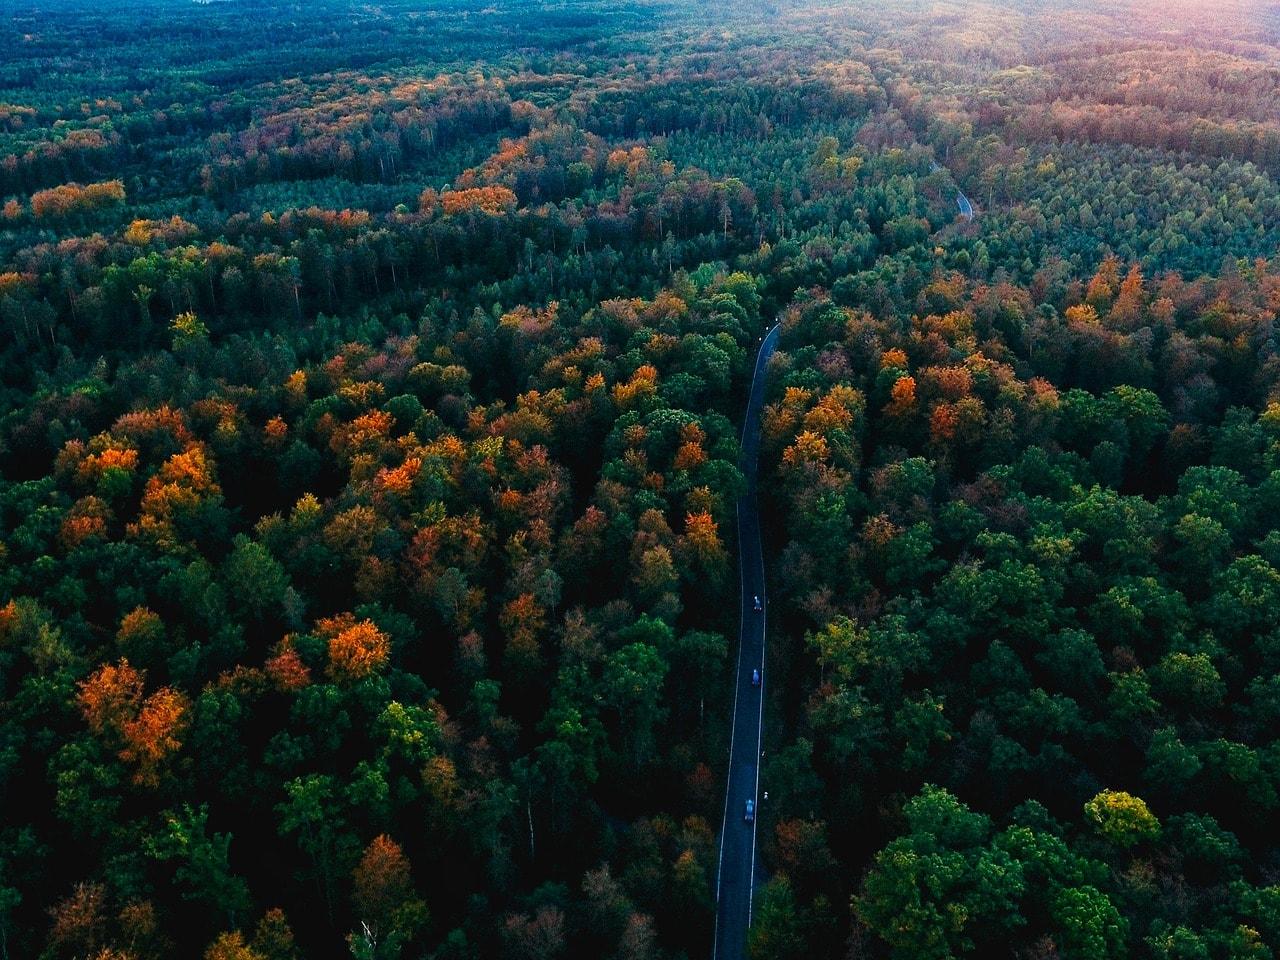 السياحة في ألمانيا .. أفضل الأماكن السياحية في دولة ألمانيا الغابة السوداء – The Black Forest